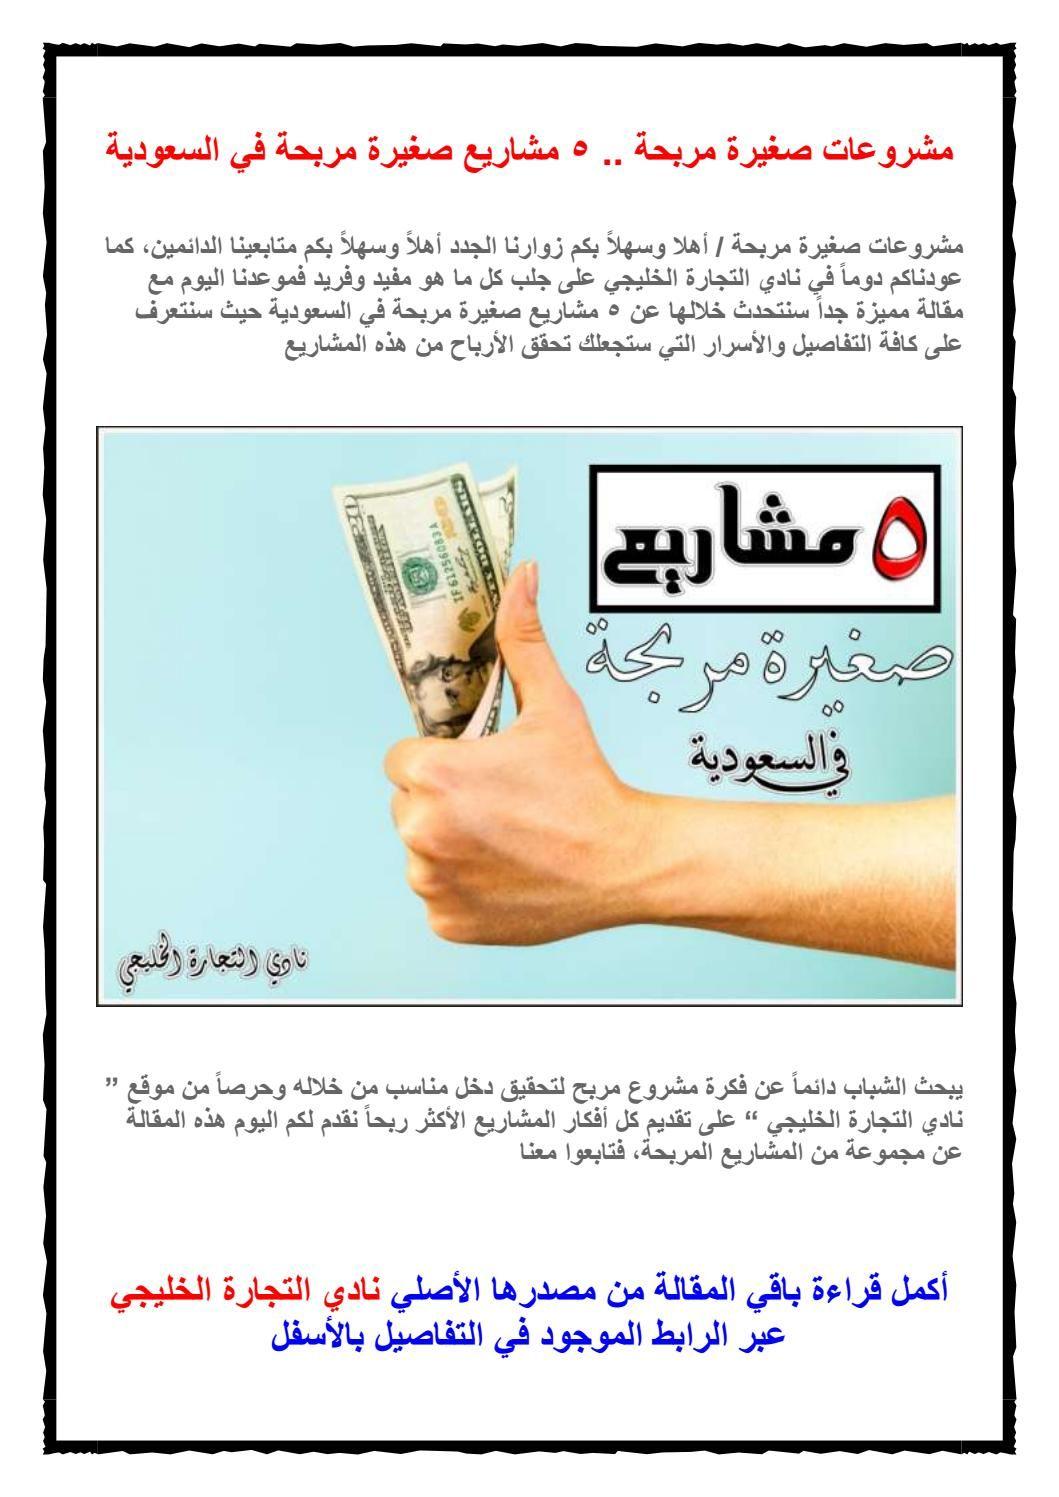 مشروعات صغيرة مربحة 5 مشاريع صغيرة مربحة في السعودية Microsoft Word Document Words Microsoft Word